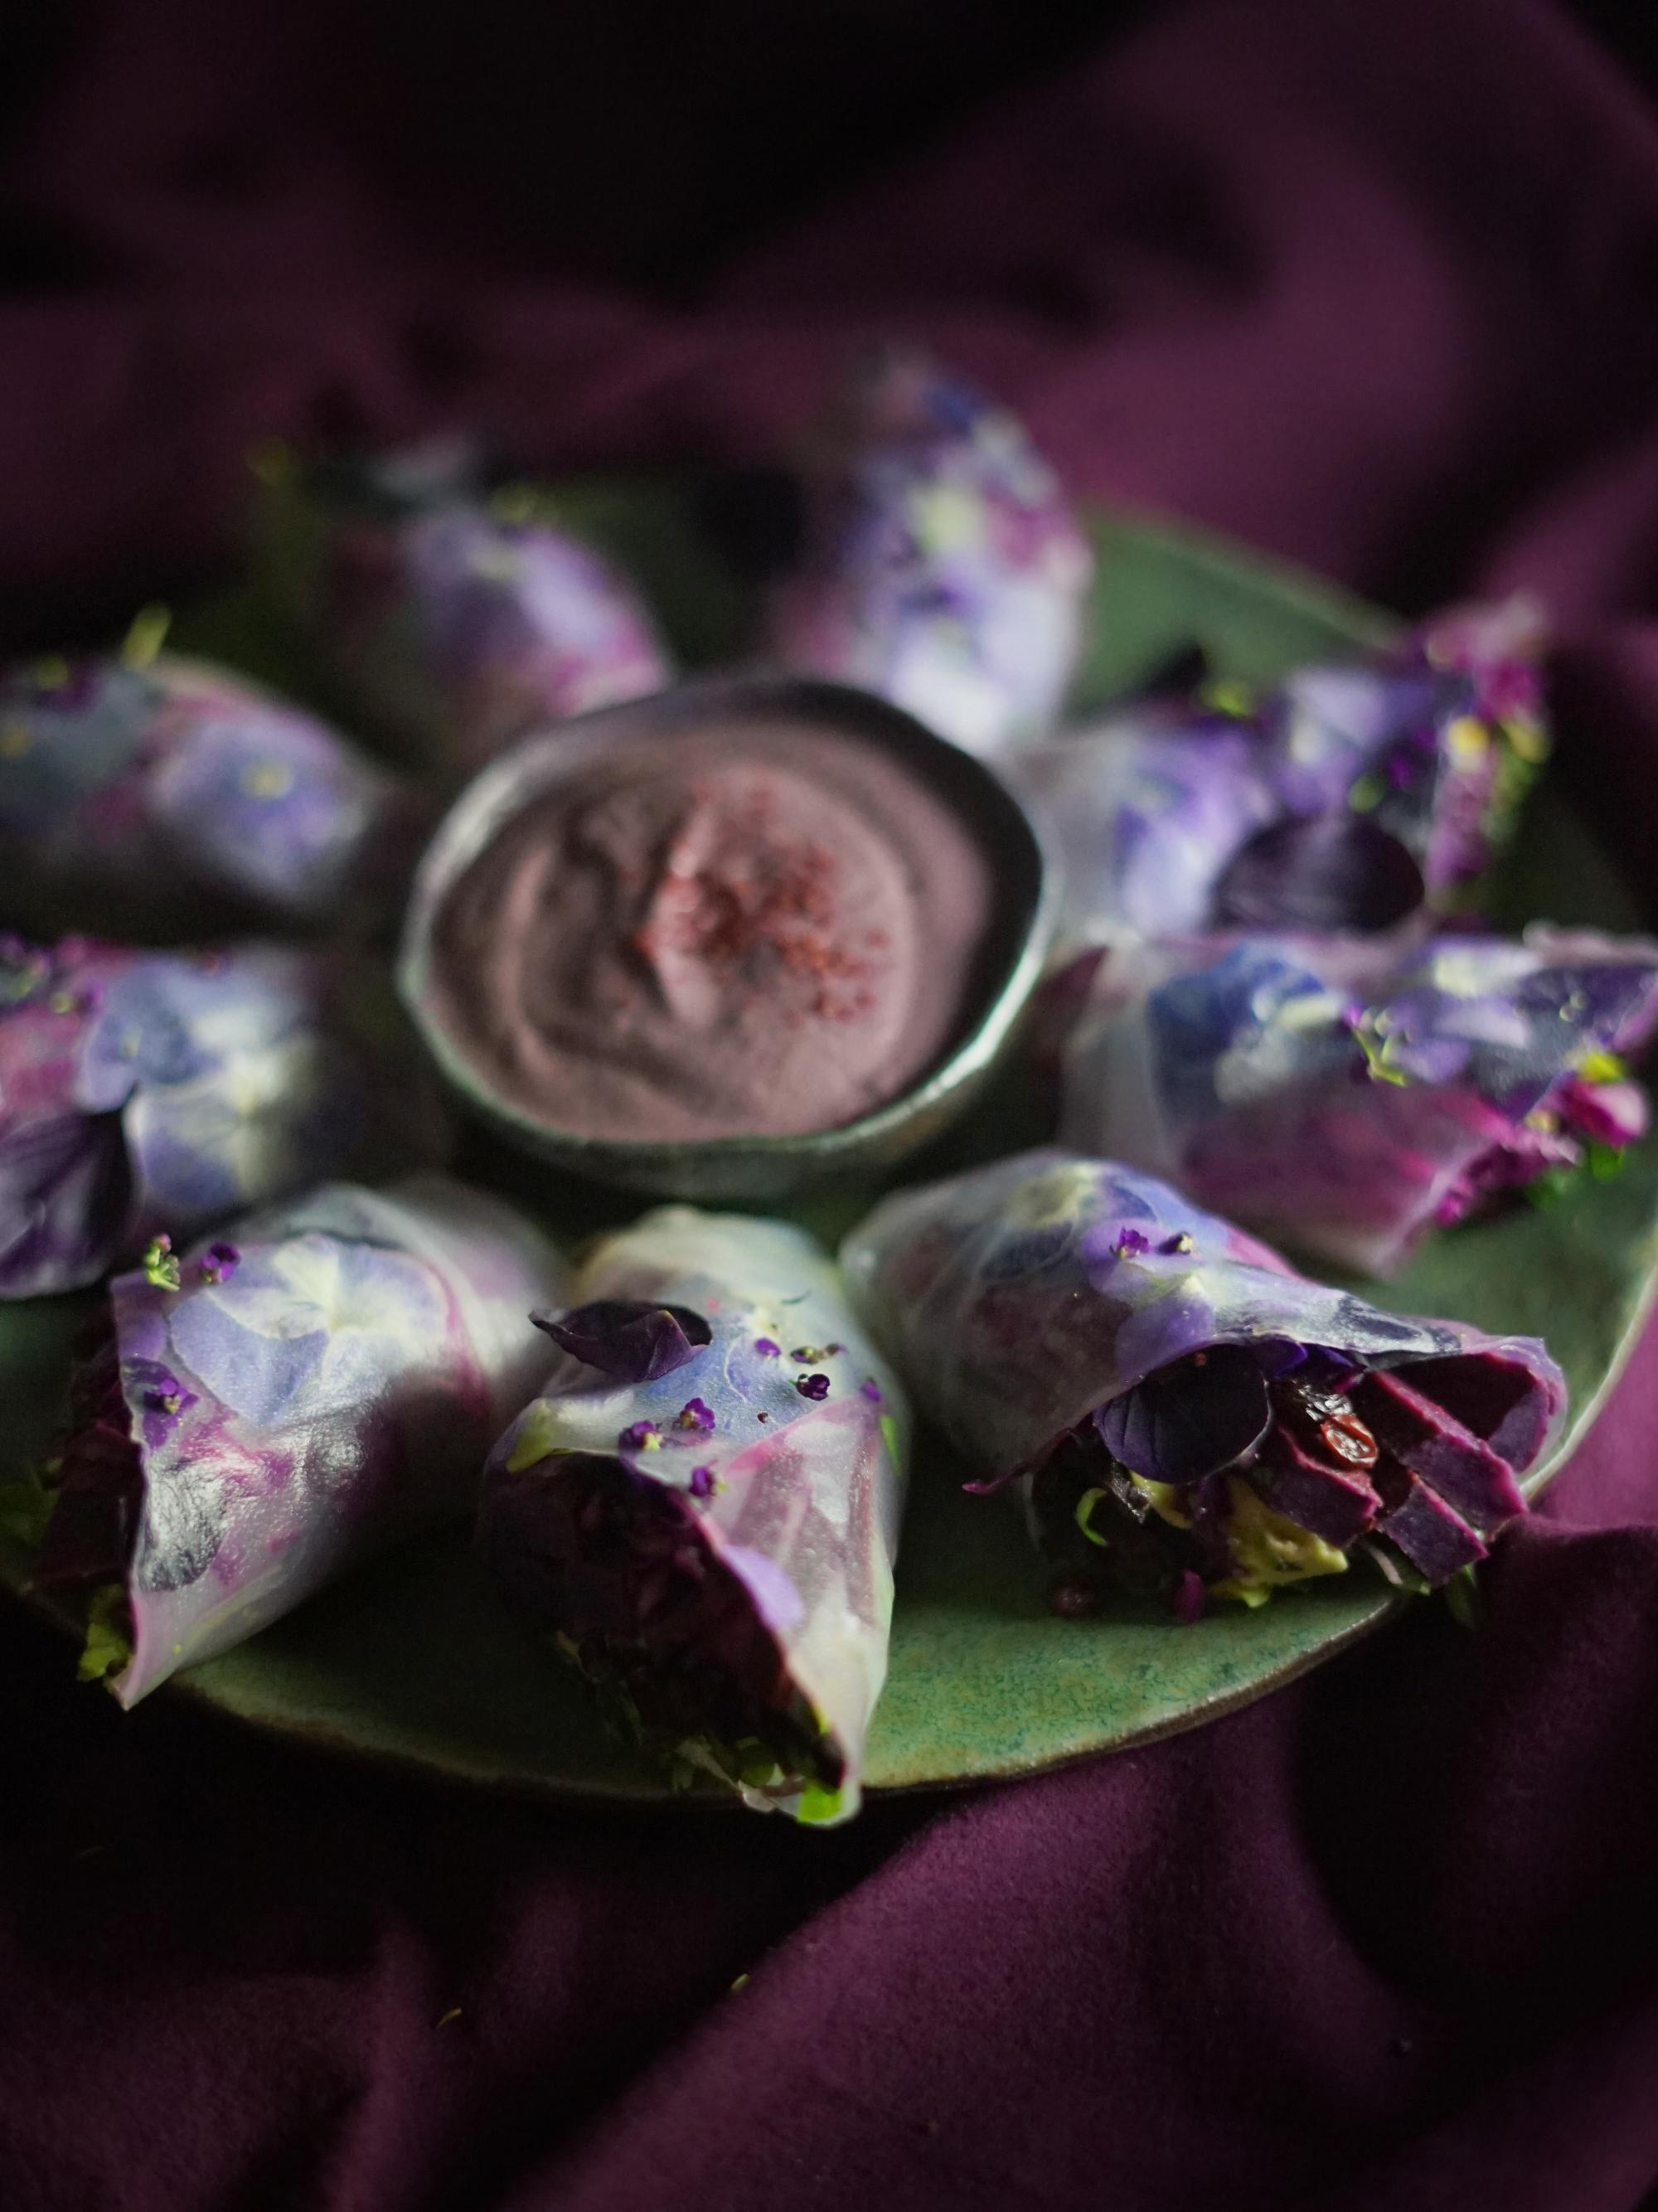 purplesaladrolls4small.jpg